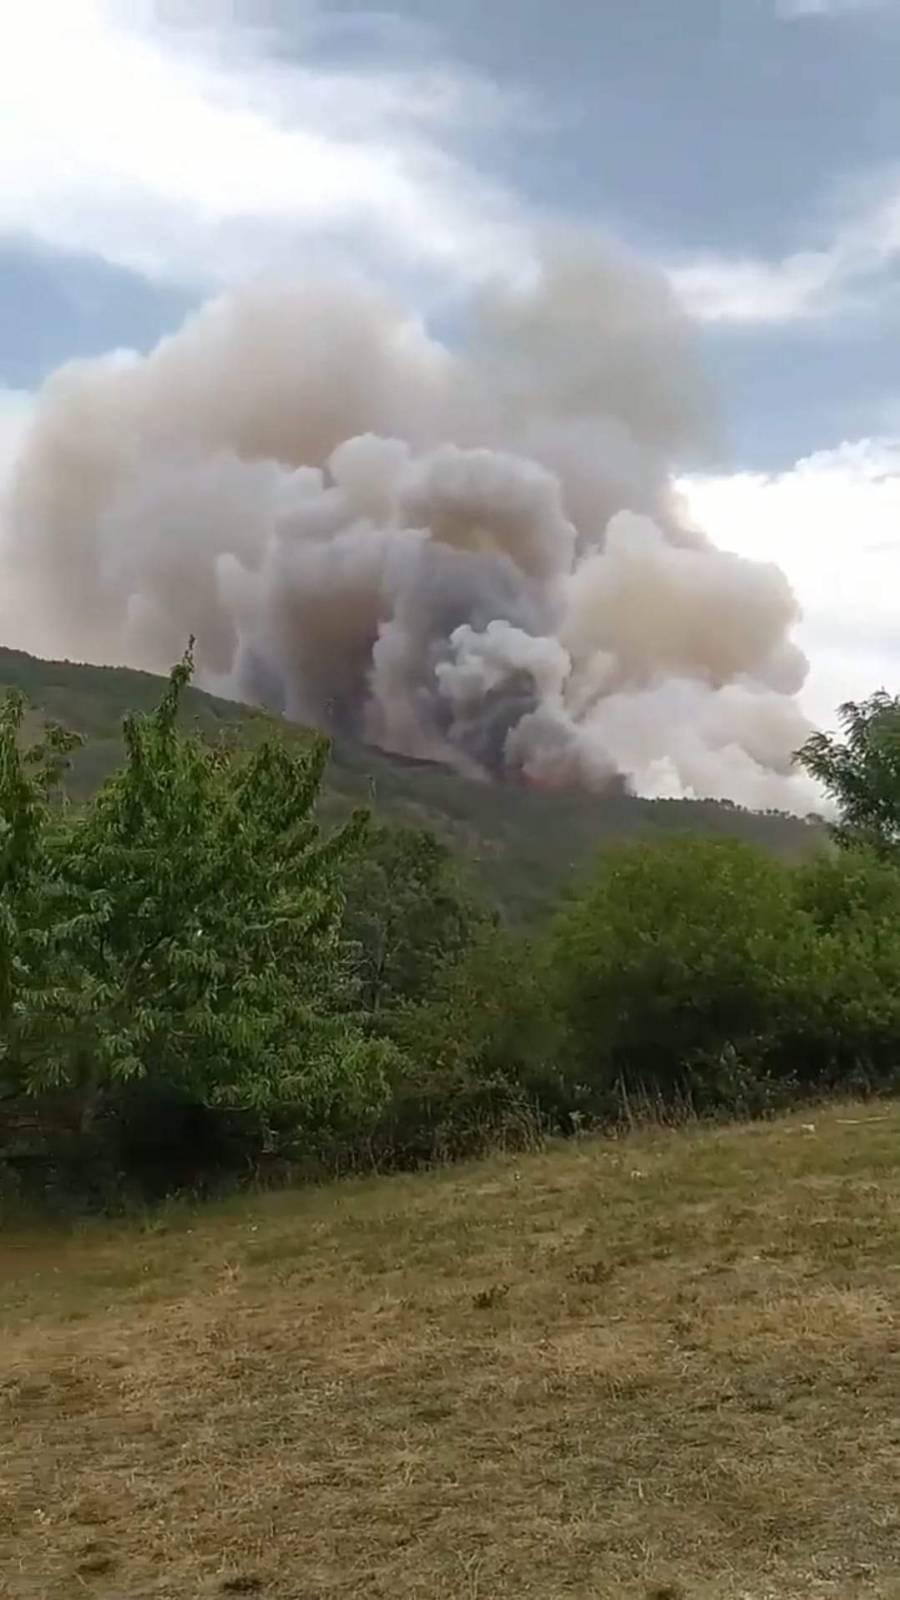 Μεγάλη φωτιά στο Σμόλικα κοντά στα χωριά Πάδες και Άρματα